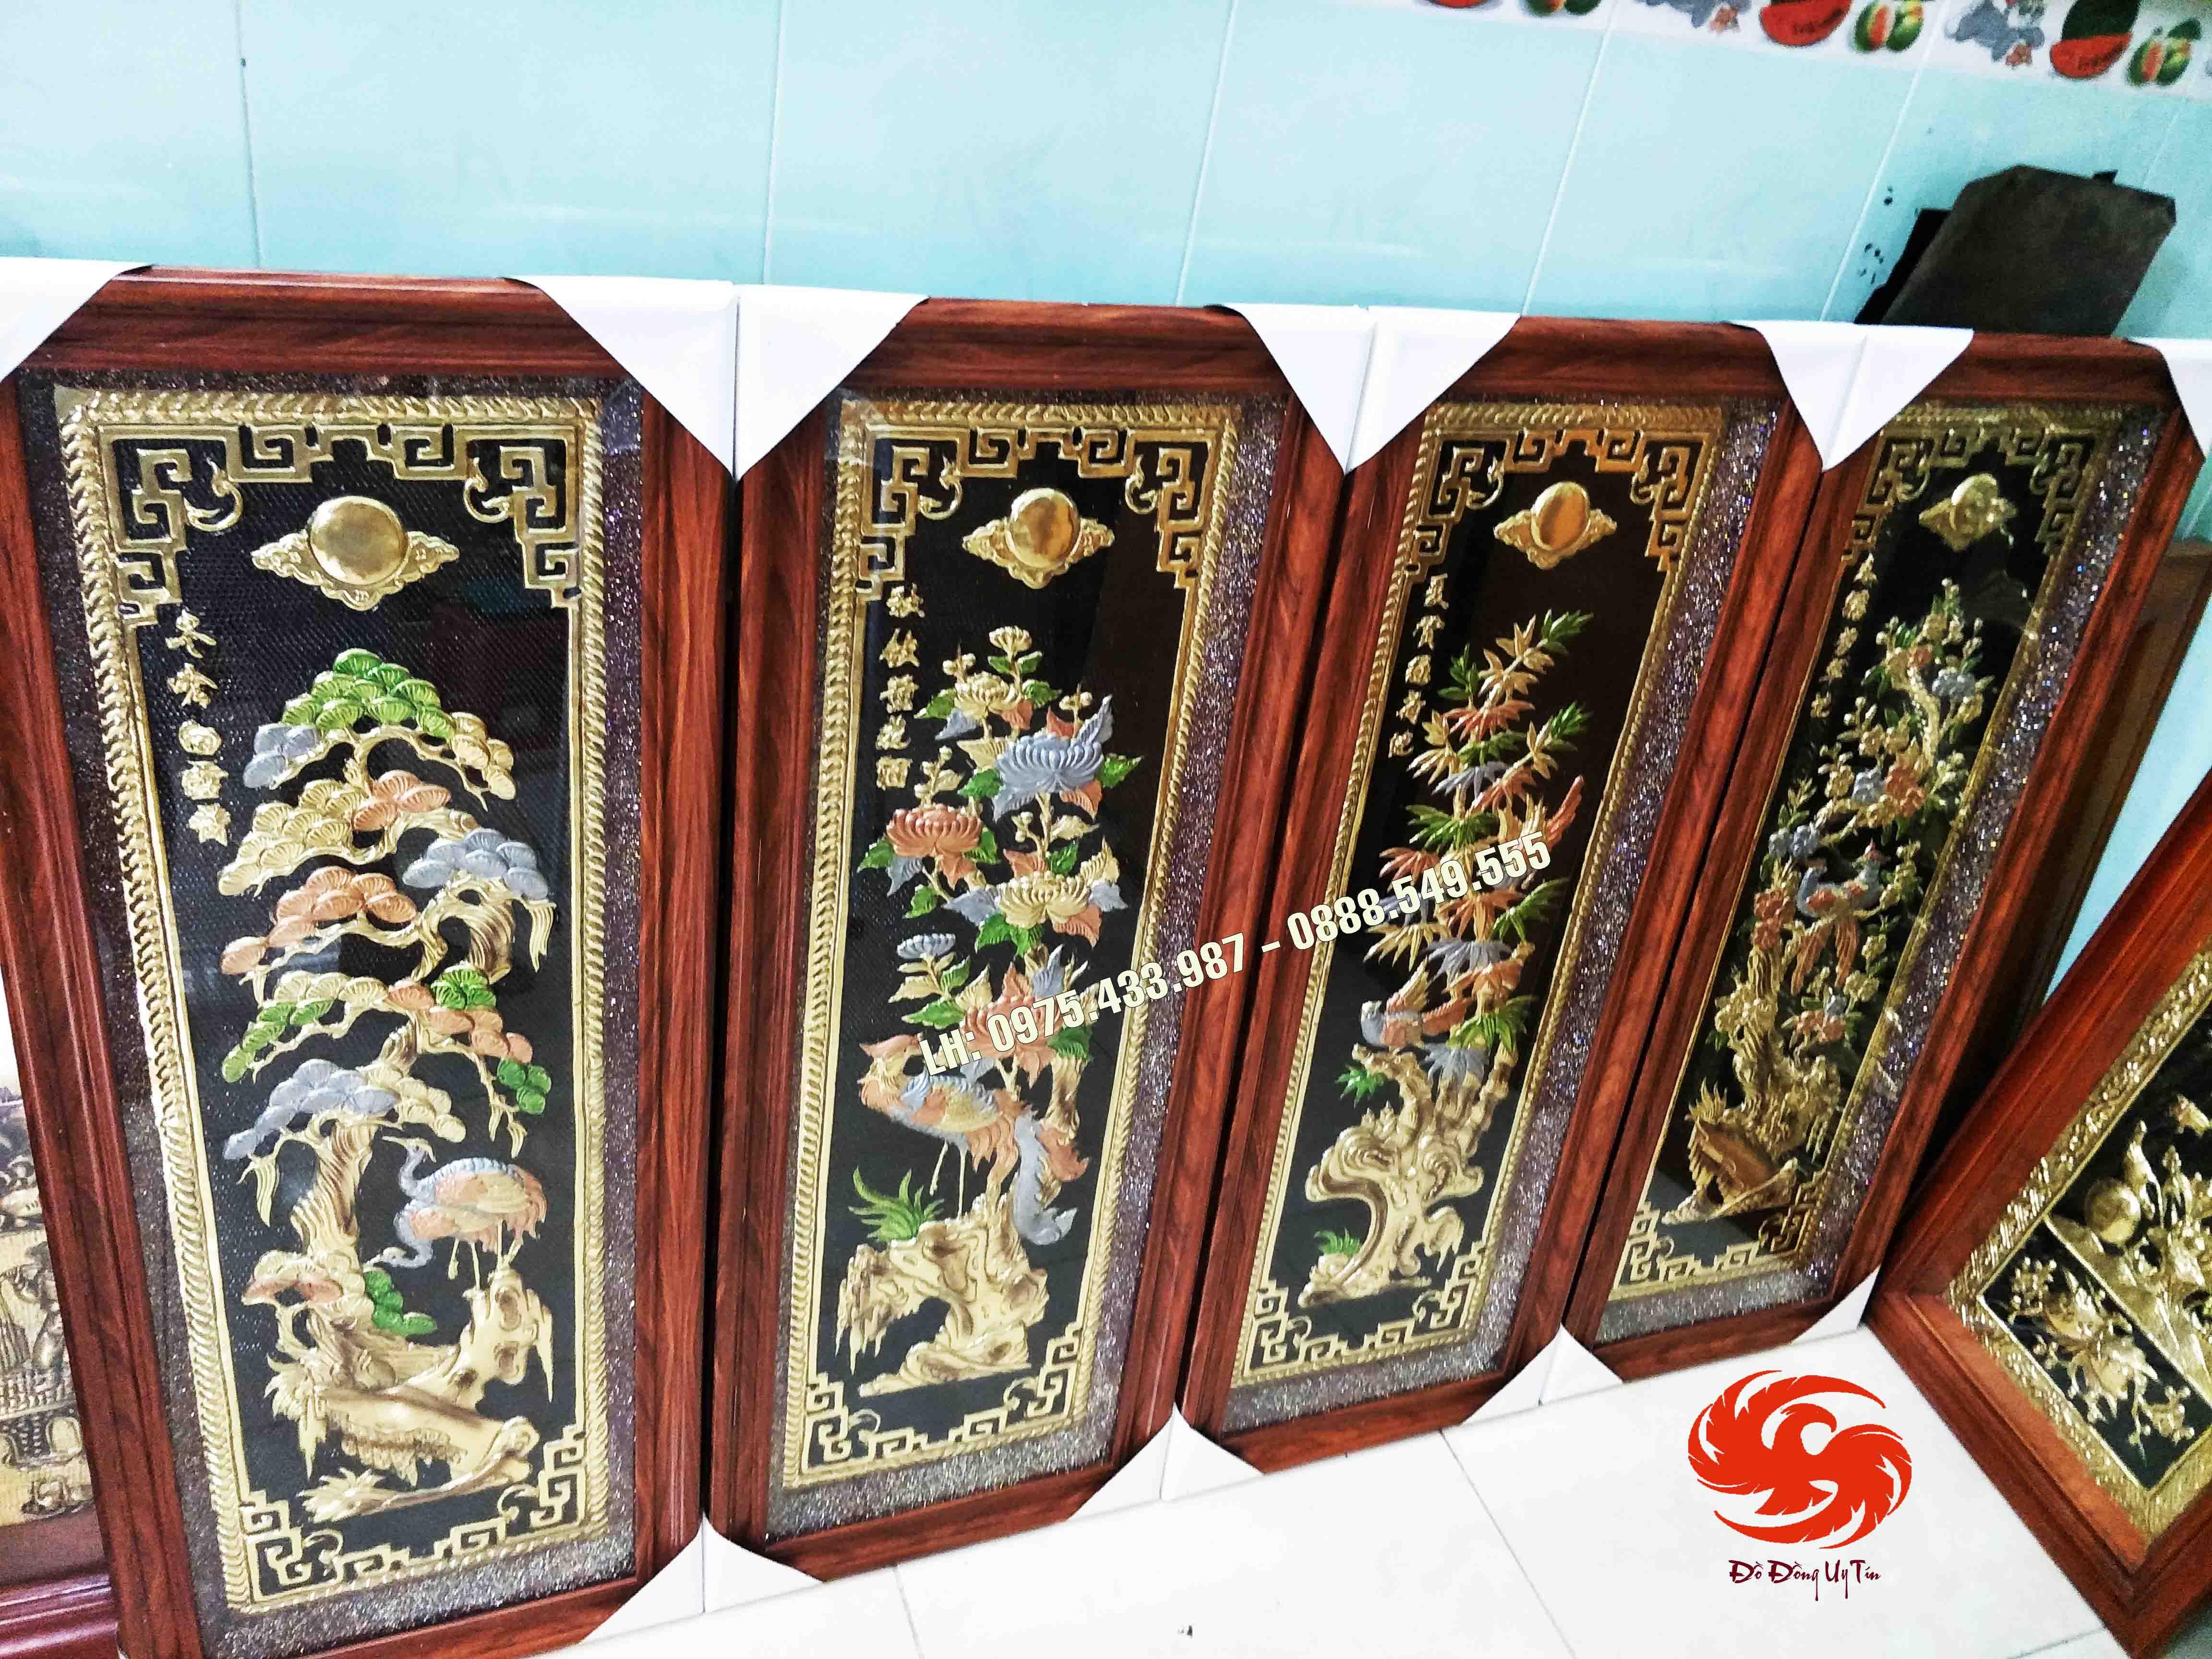 Bộ tranh đồng tứ quý đồng vàng nền đen khung Đài Loan